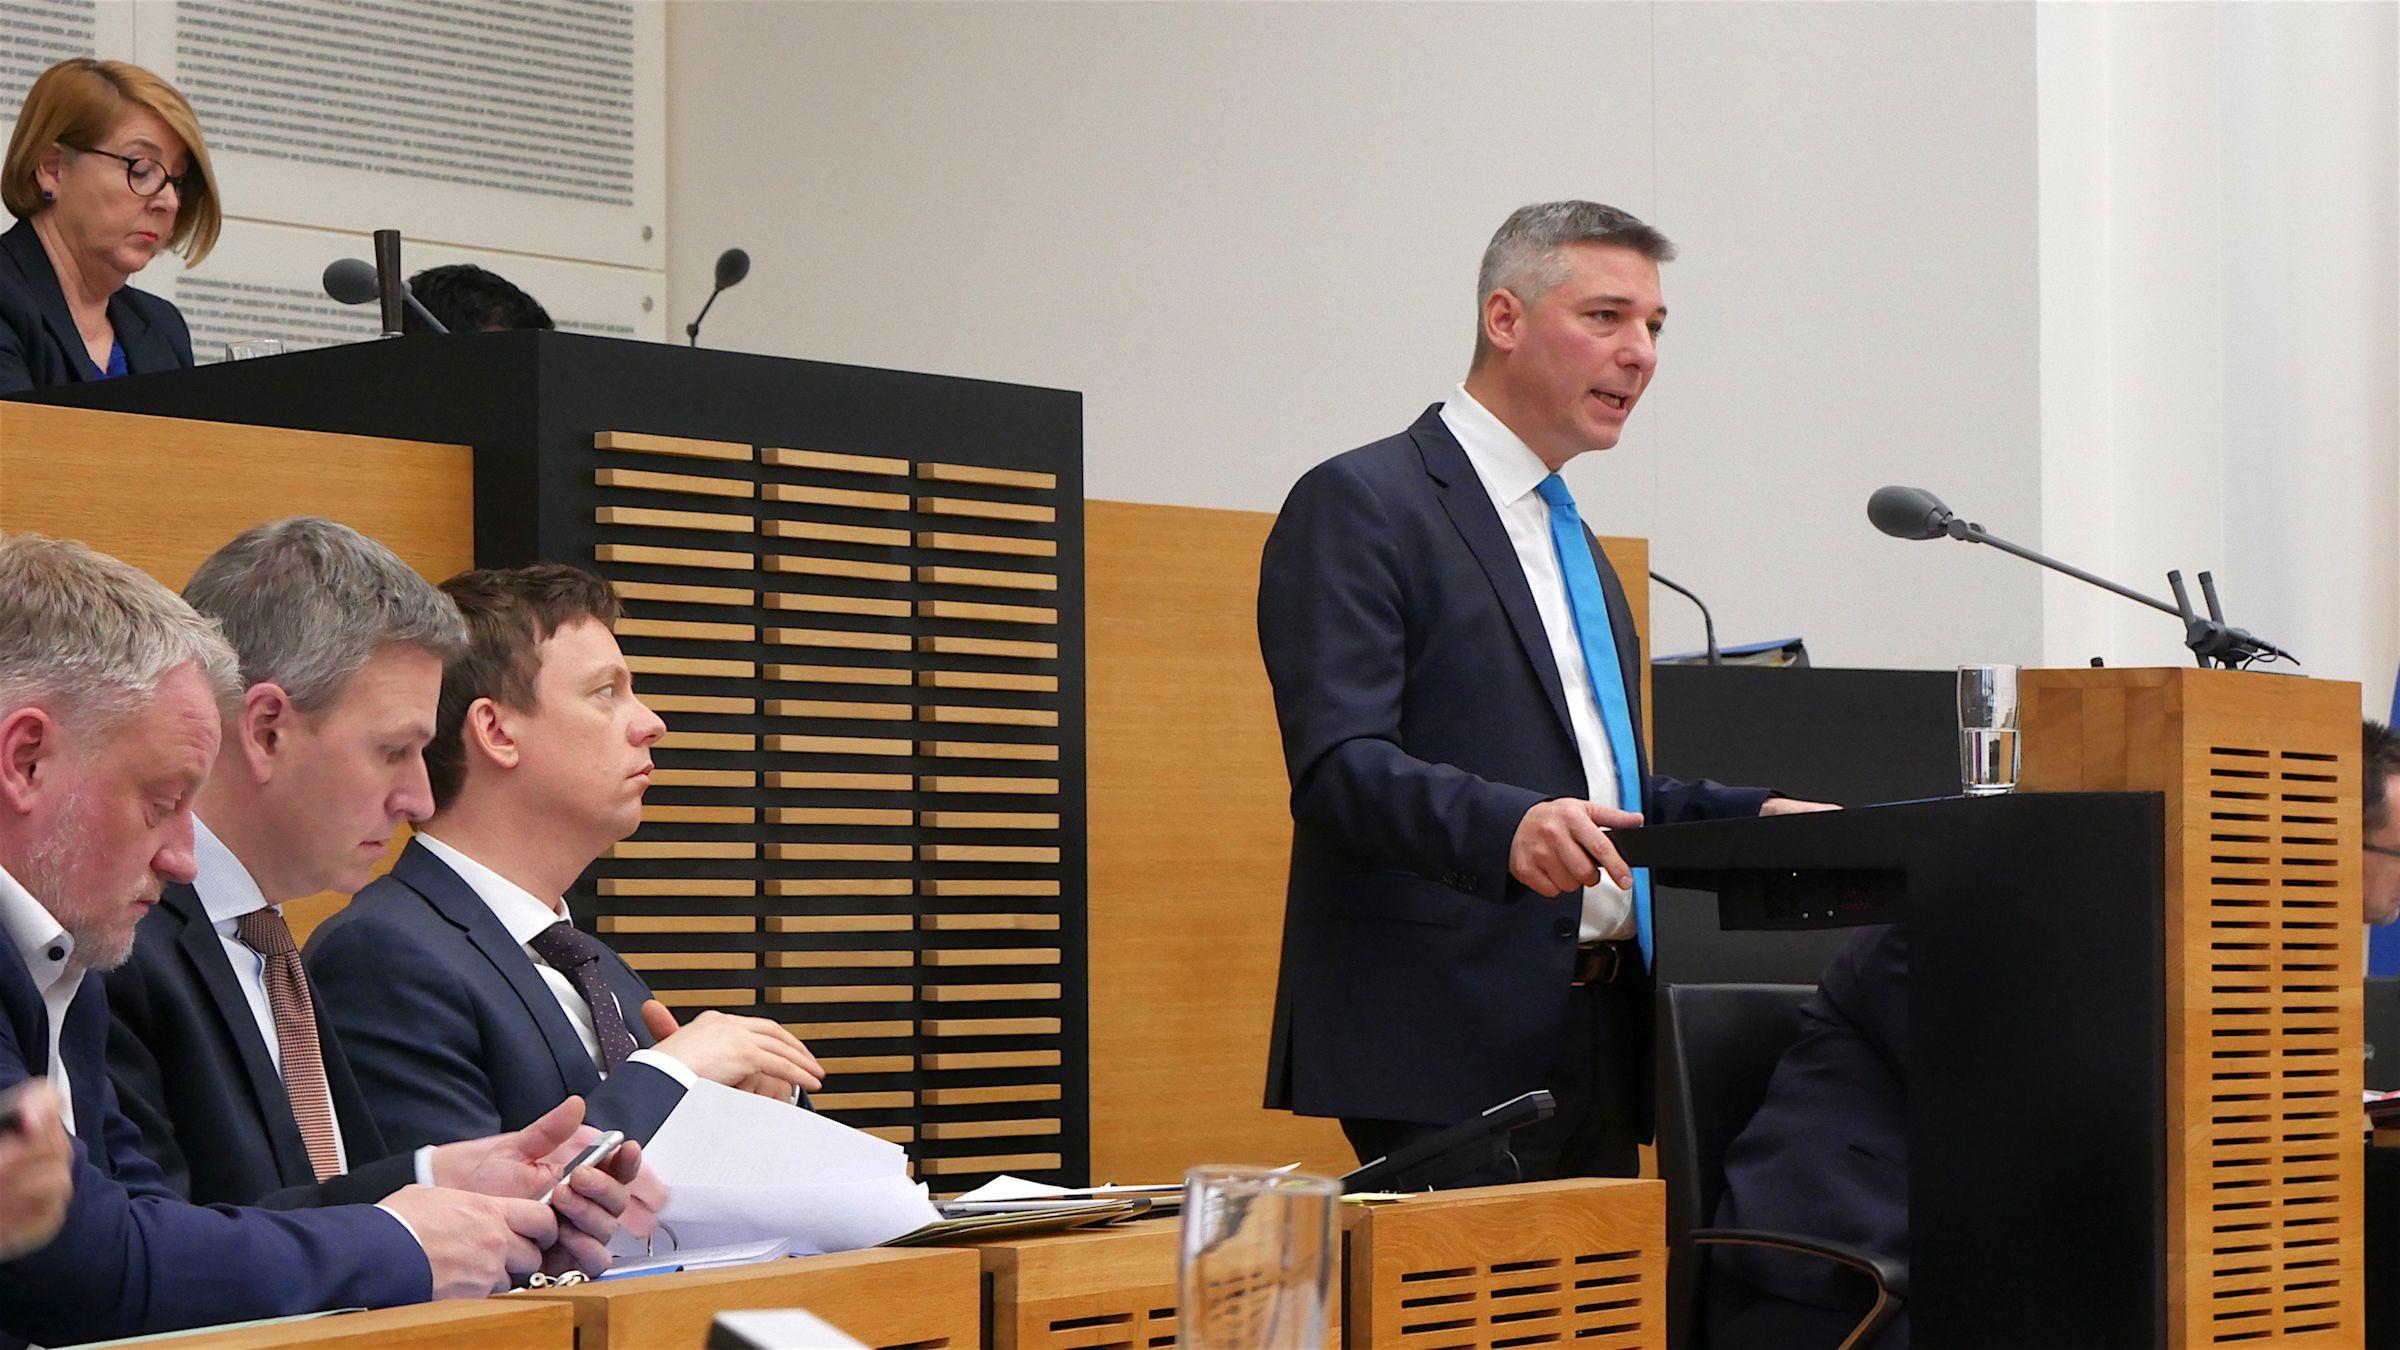 CDU Fraktion des Saarlandes: Diskussion um Lehrer-Stellen: Bildungsminister muss liefern